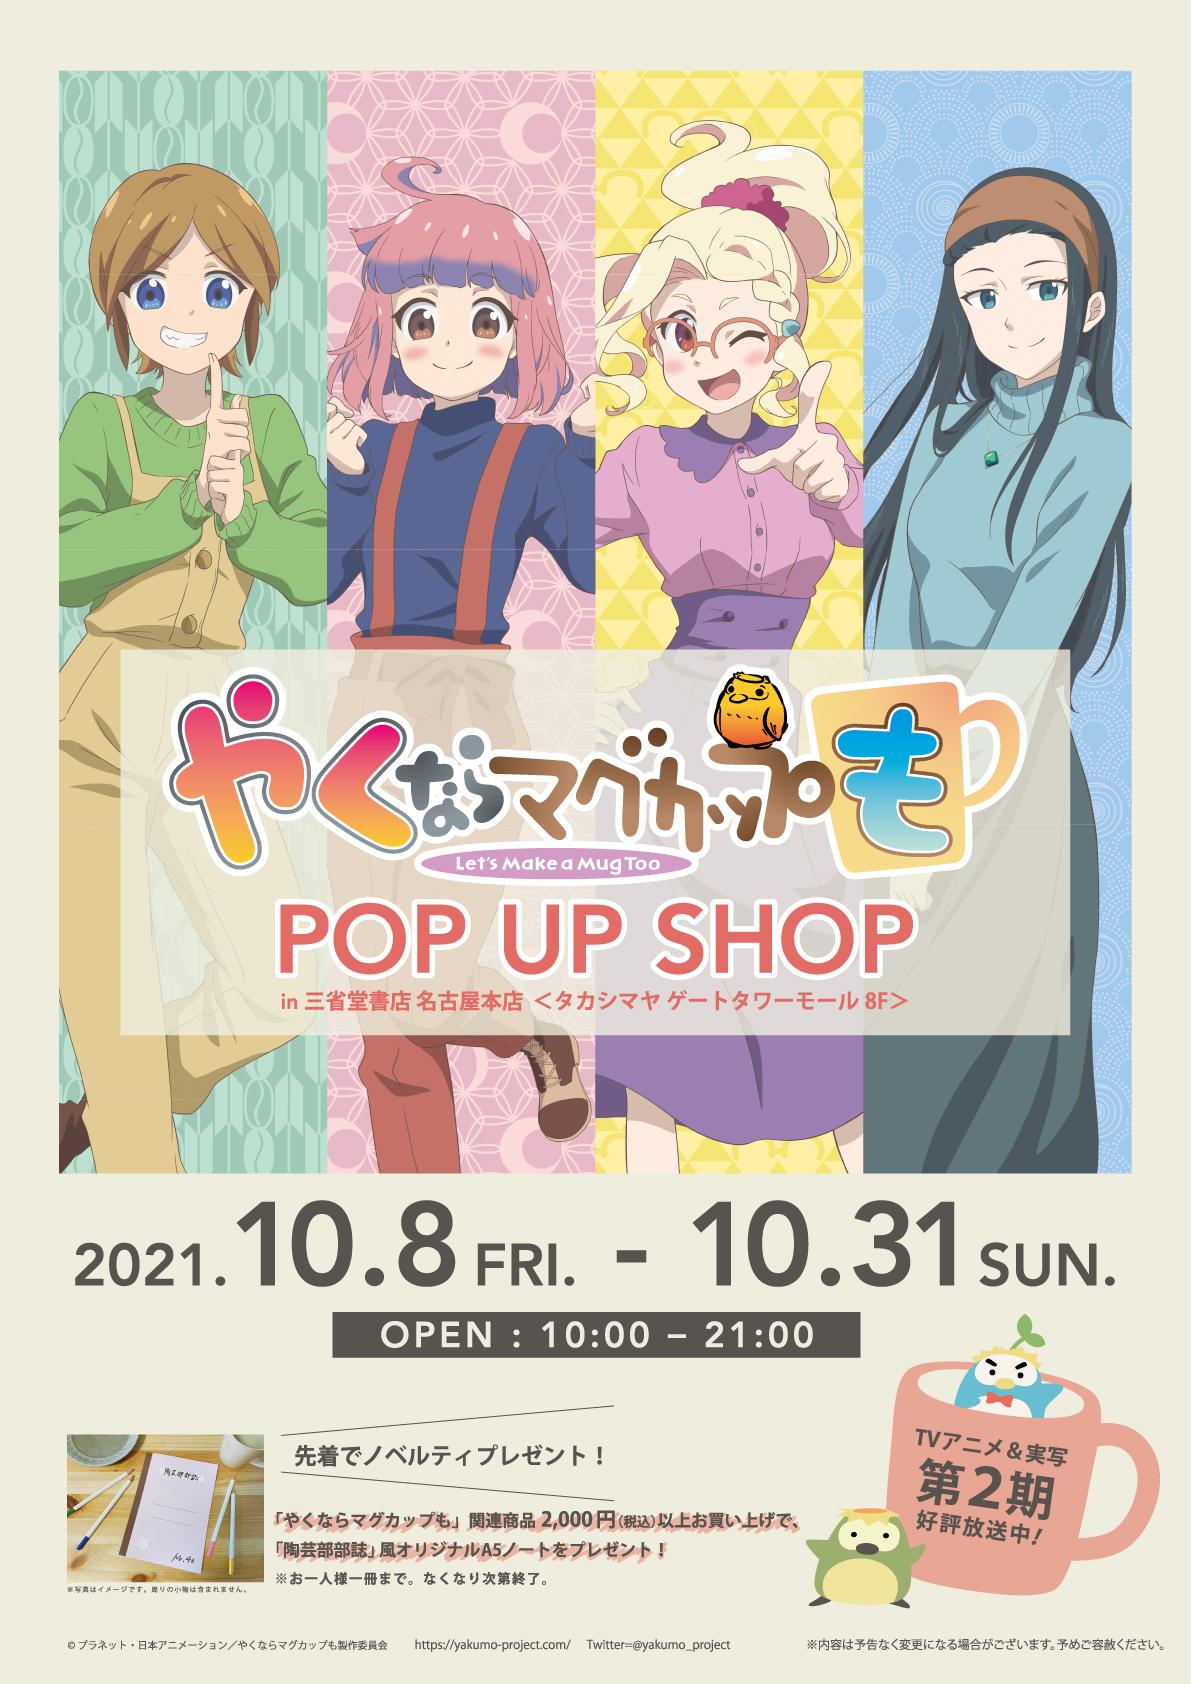 「やくならマグカップも」のポップアップショップが名古屋で開催